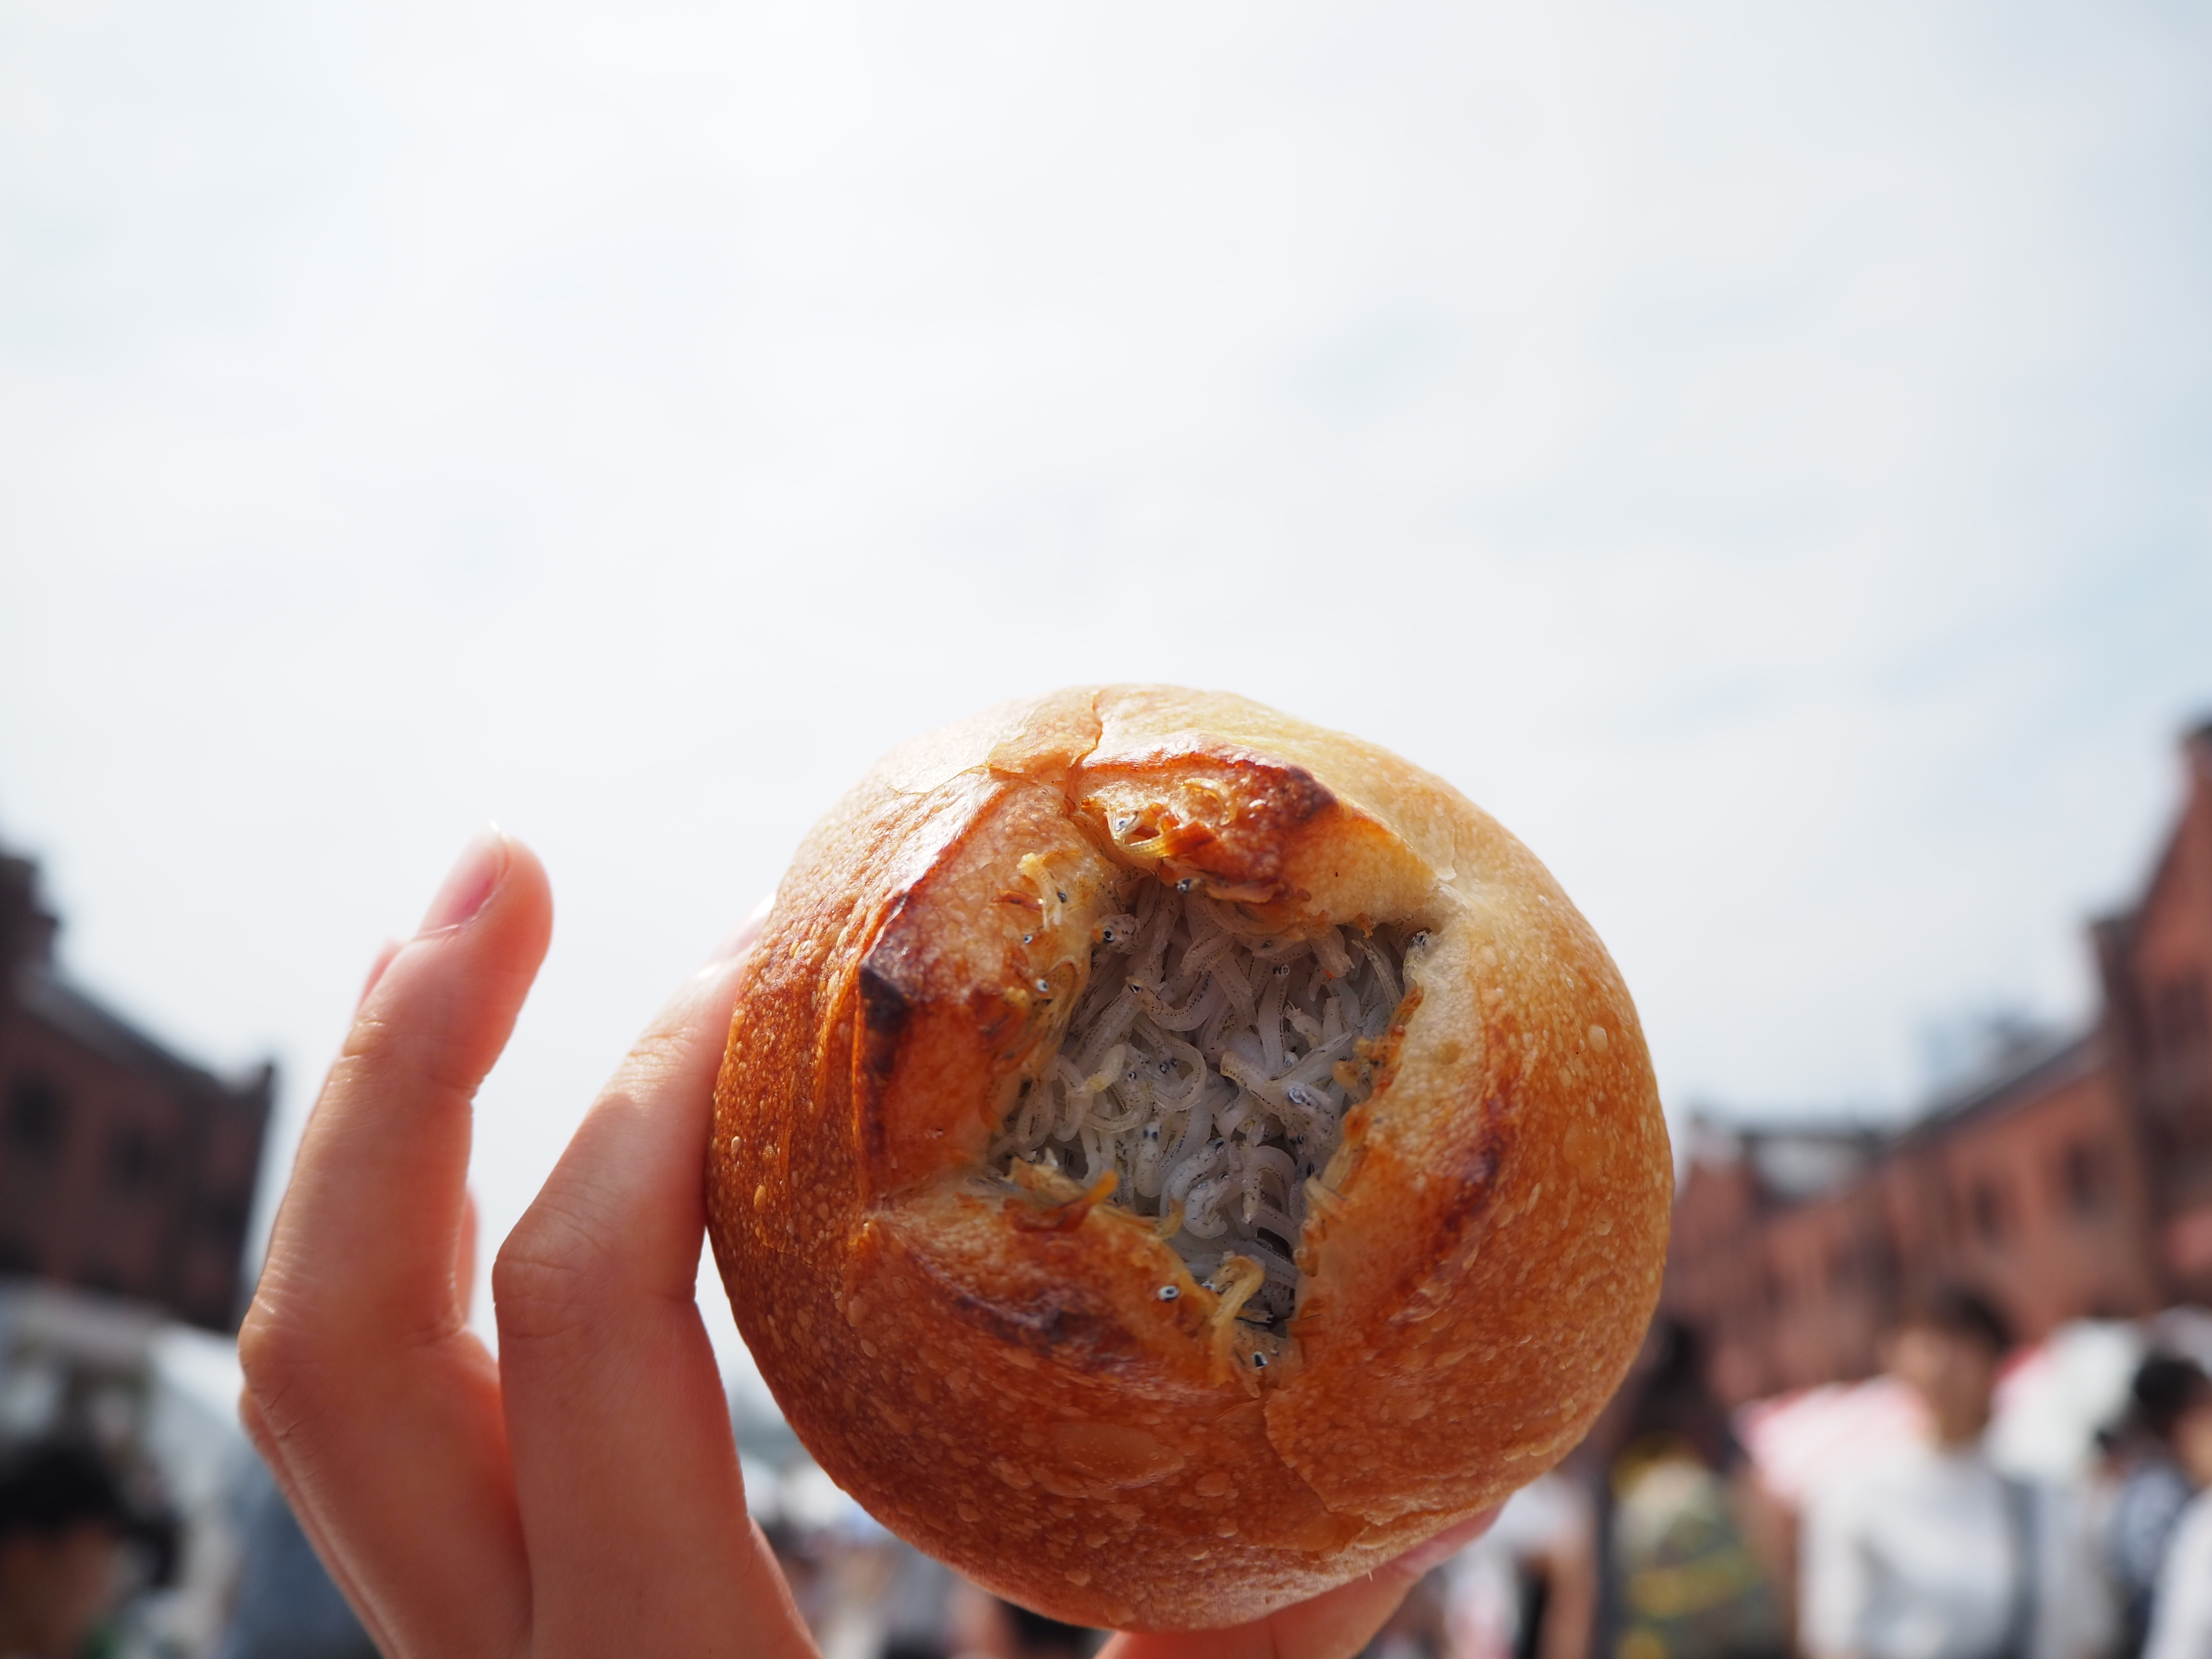 【パン好き必見!】全国のパン屋さんの食べ比べが一度にできるパンのフェス